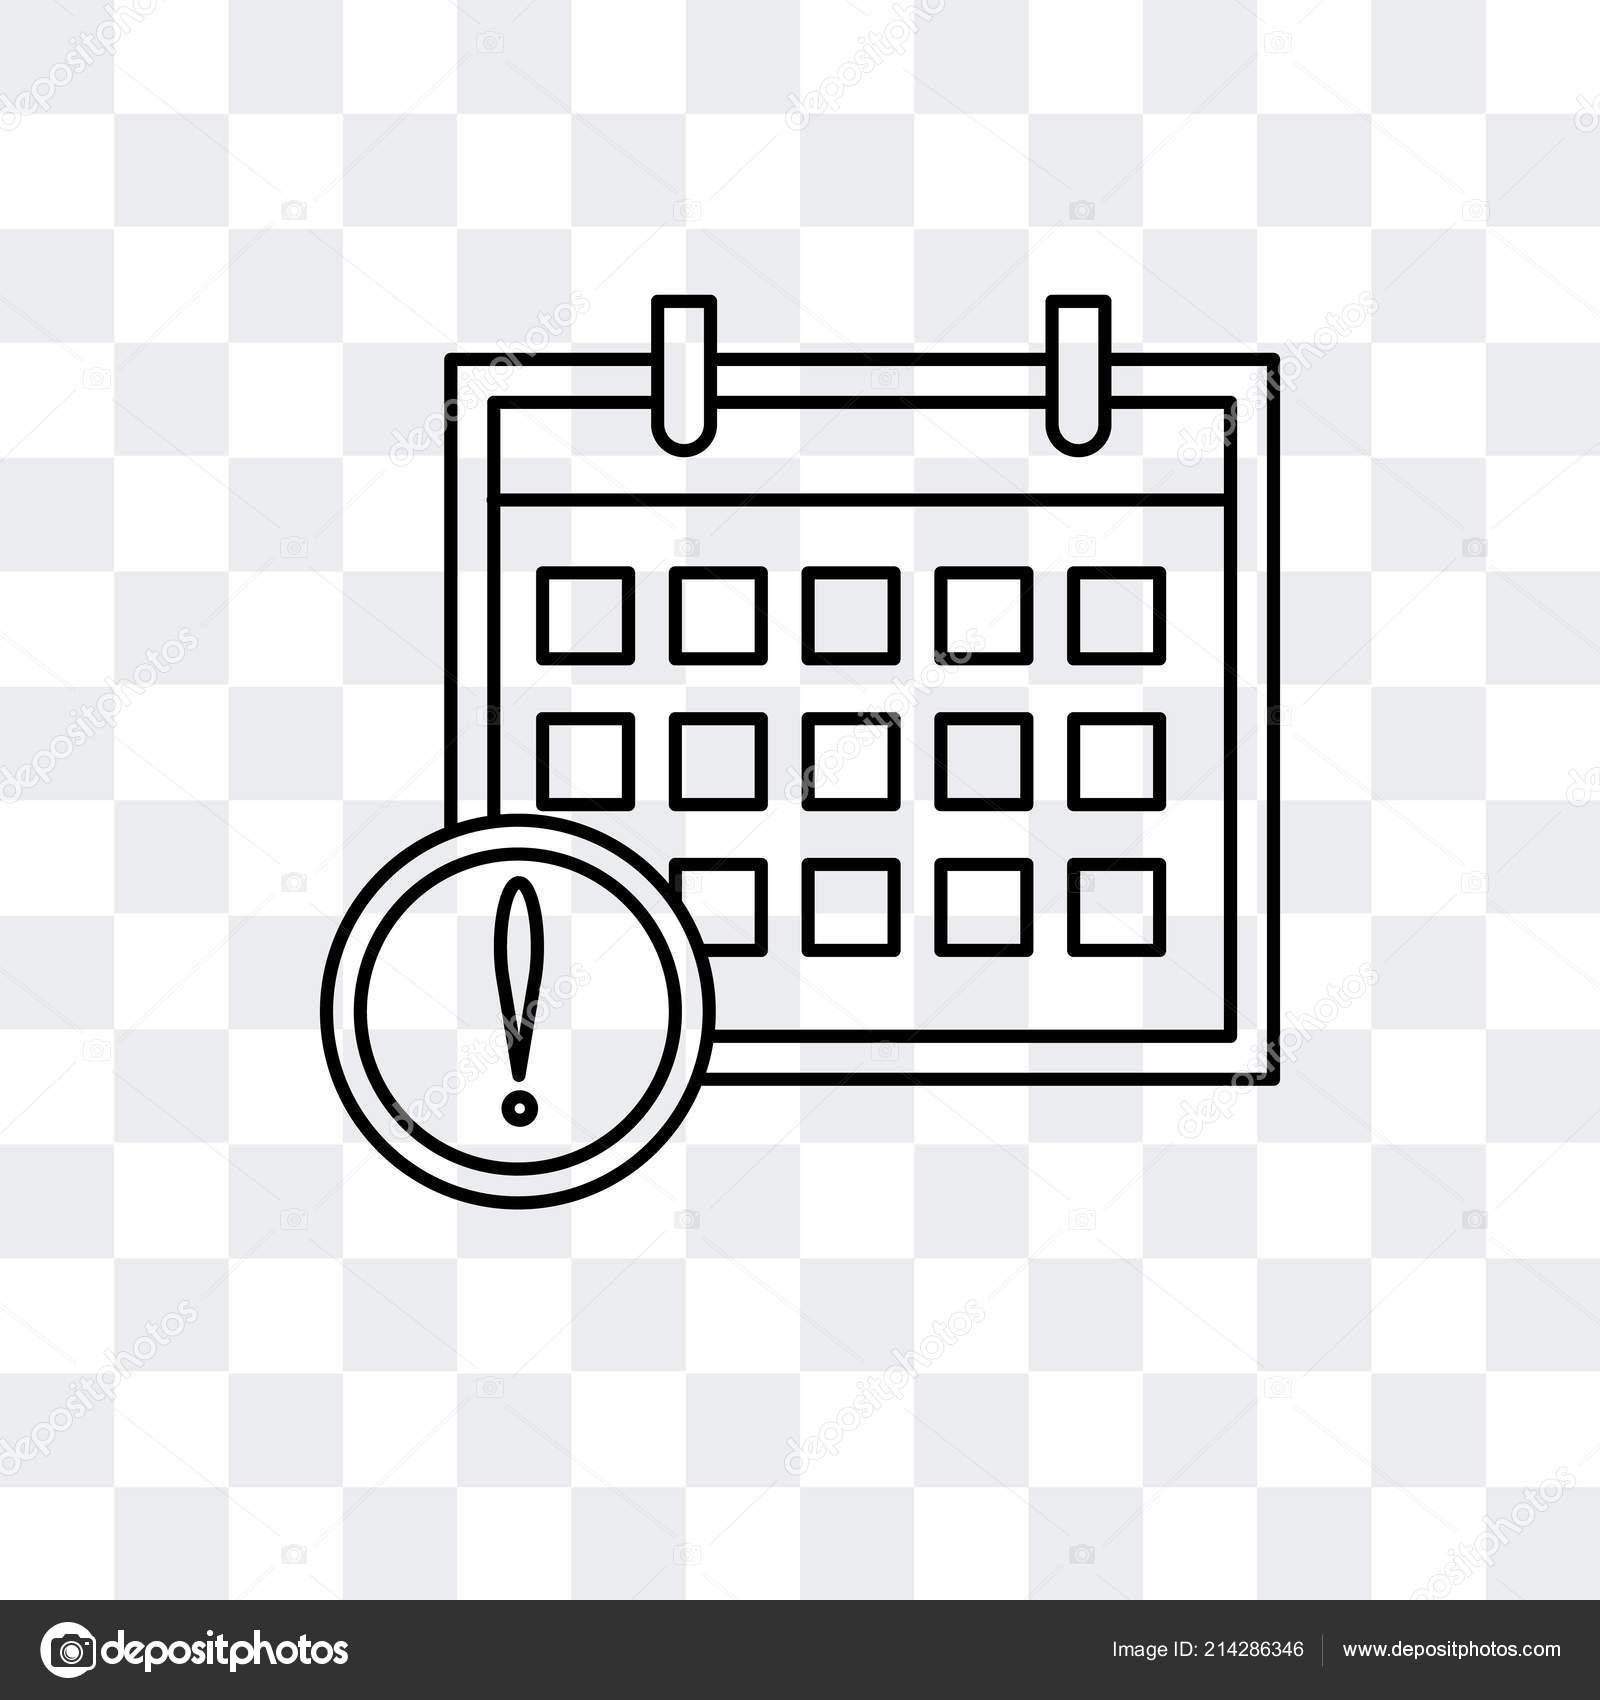 Calendario Icona.Icona Del Calendario Vettoriale Isolato Su Sfondo